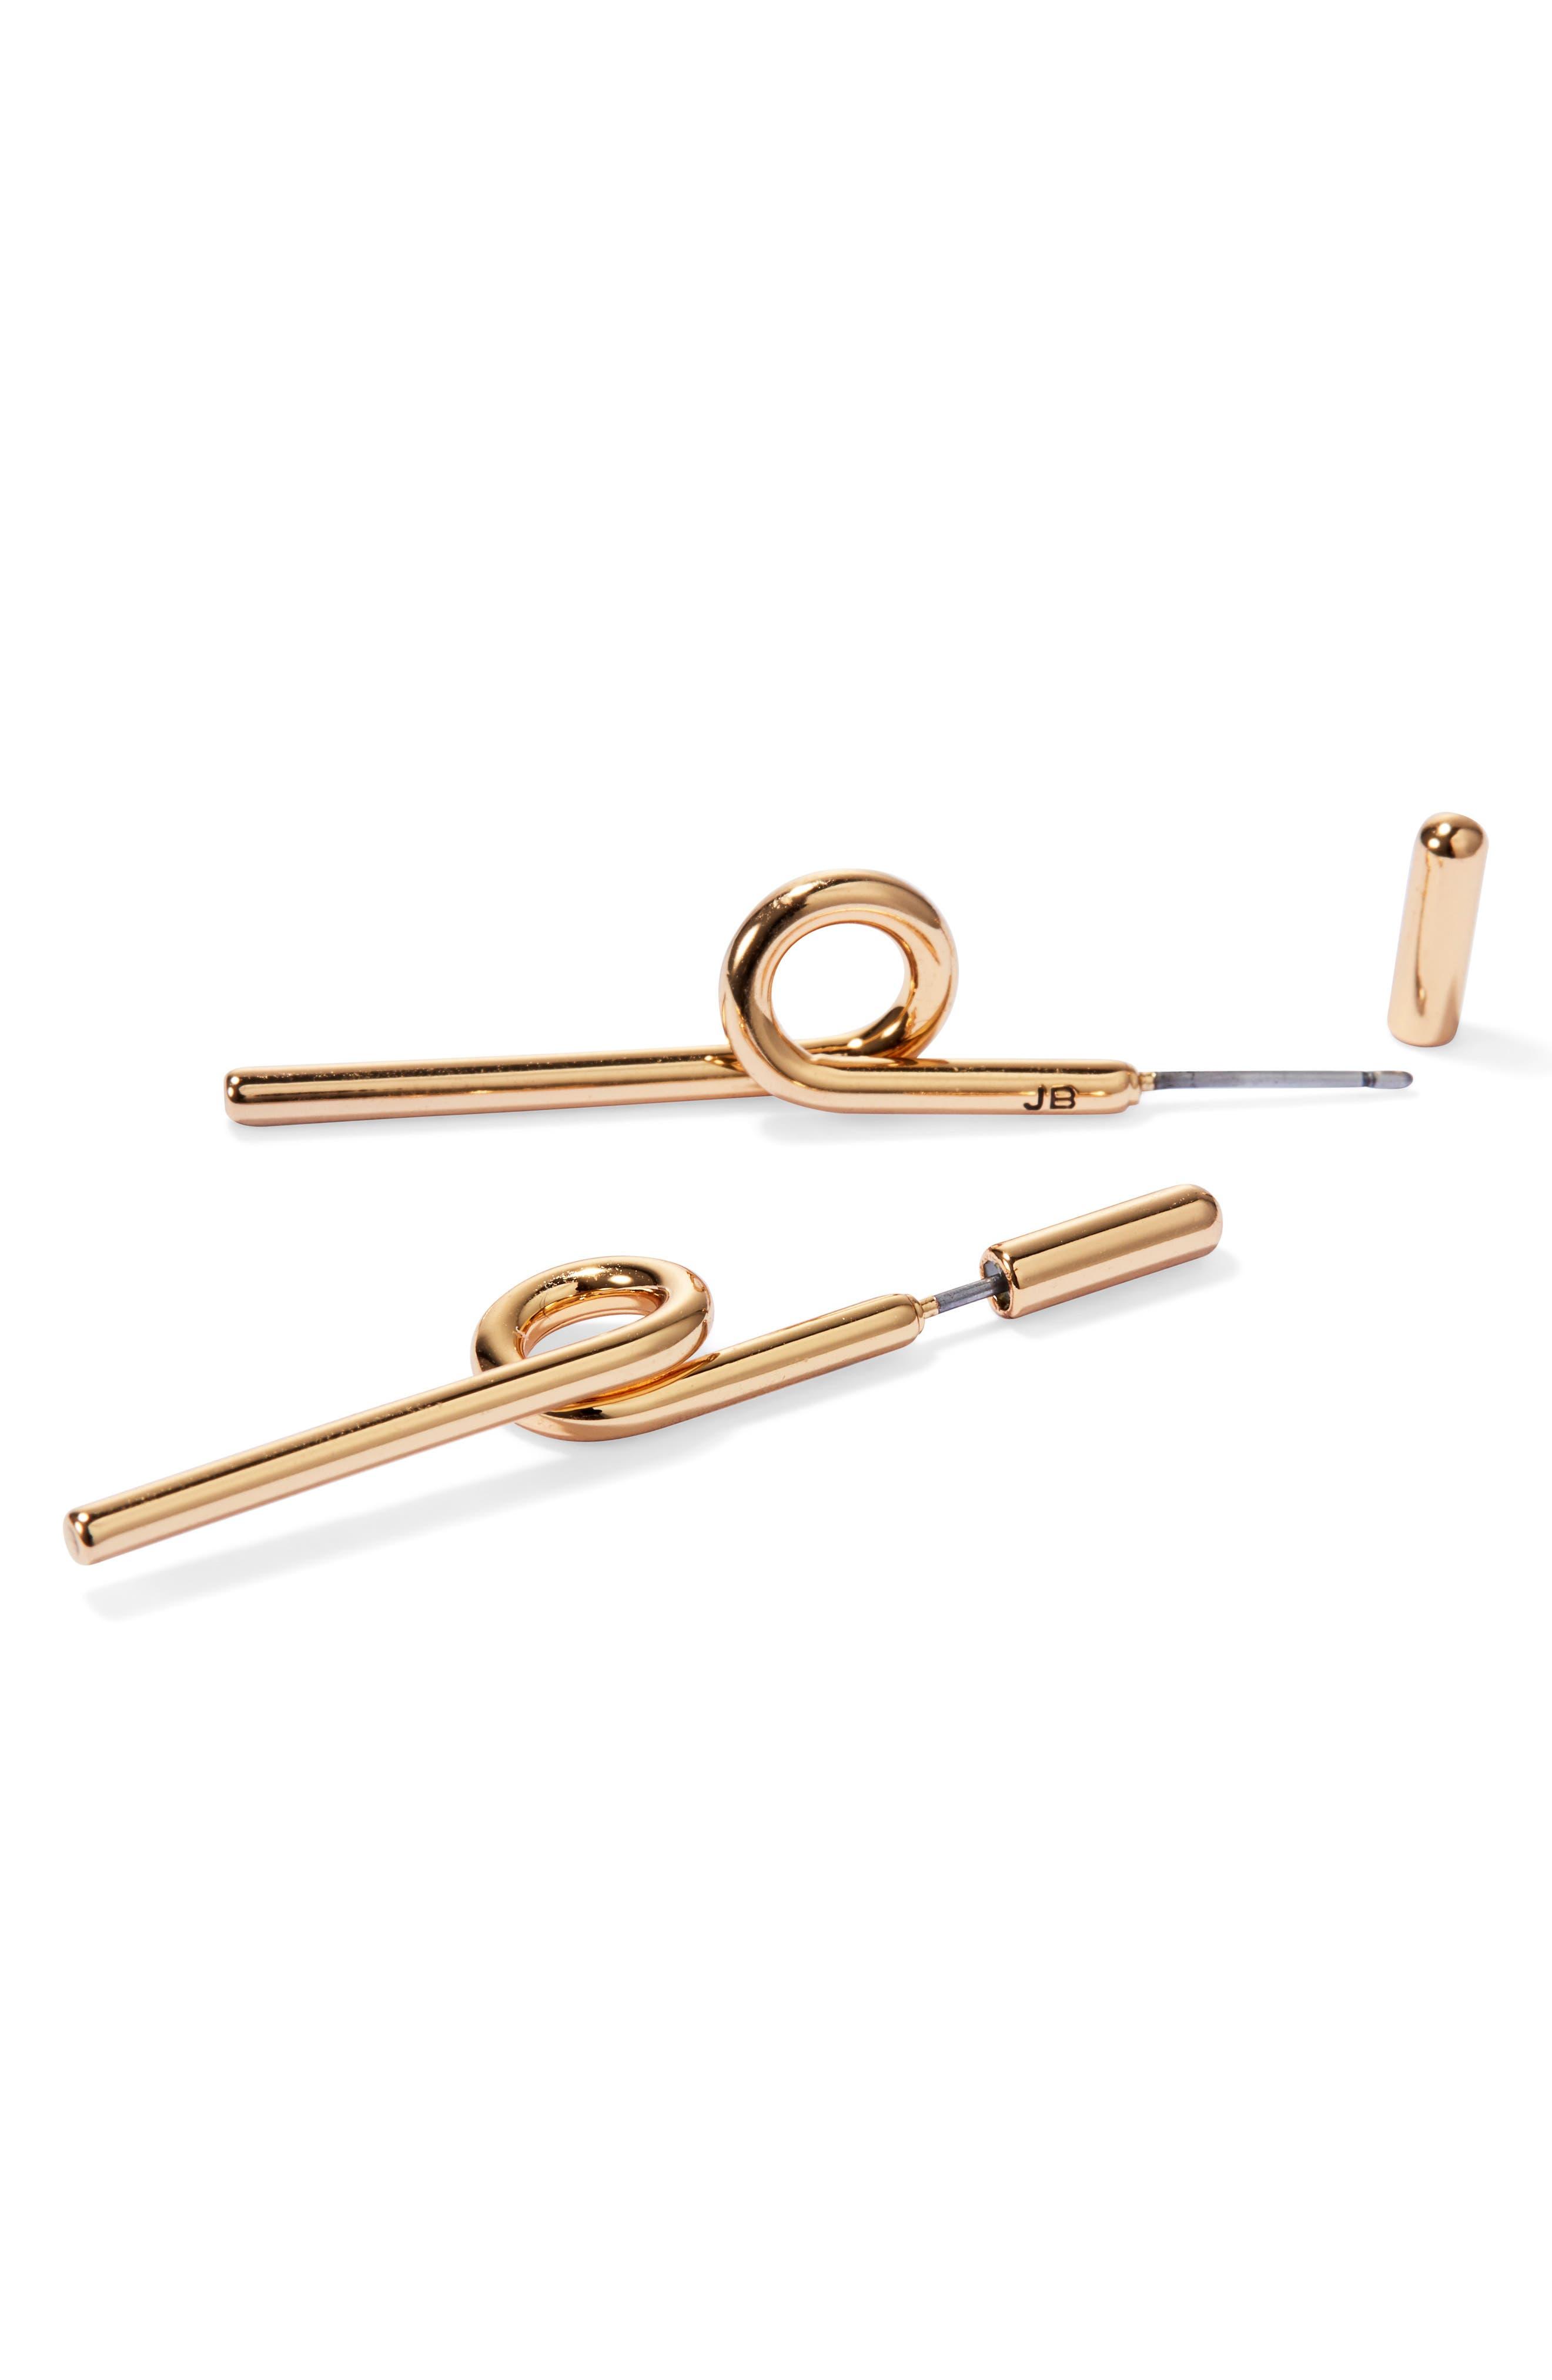 Otis Stick Earrings,                             Alternate thumbnail 4, color,                             GOLD